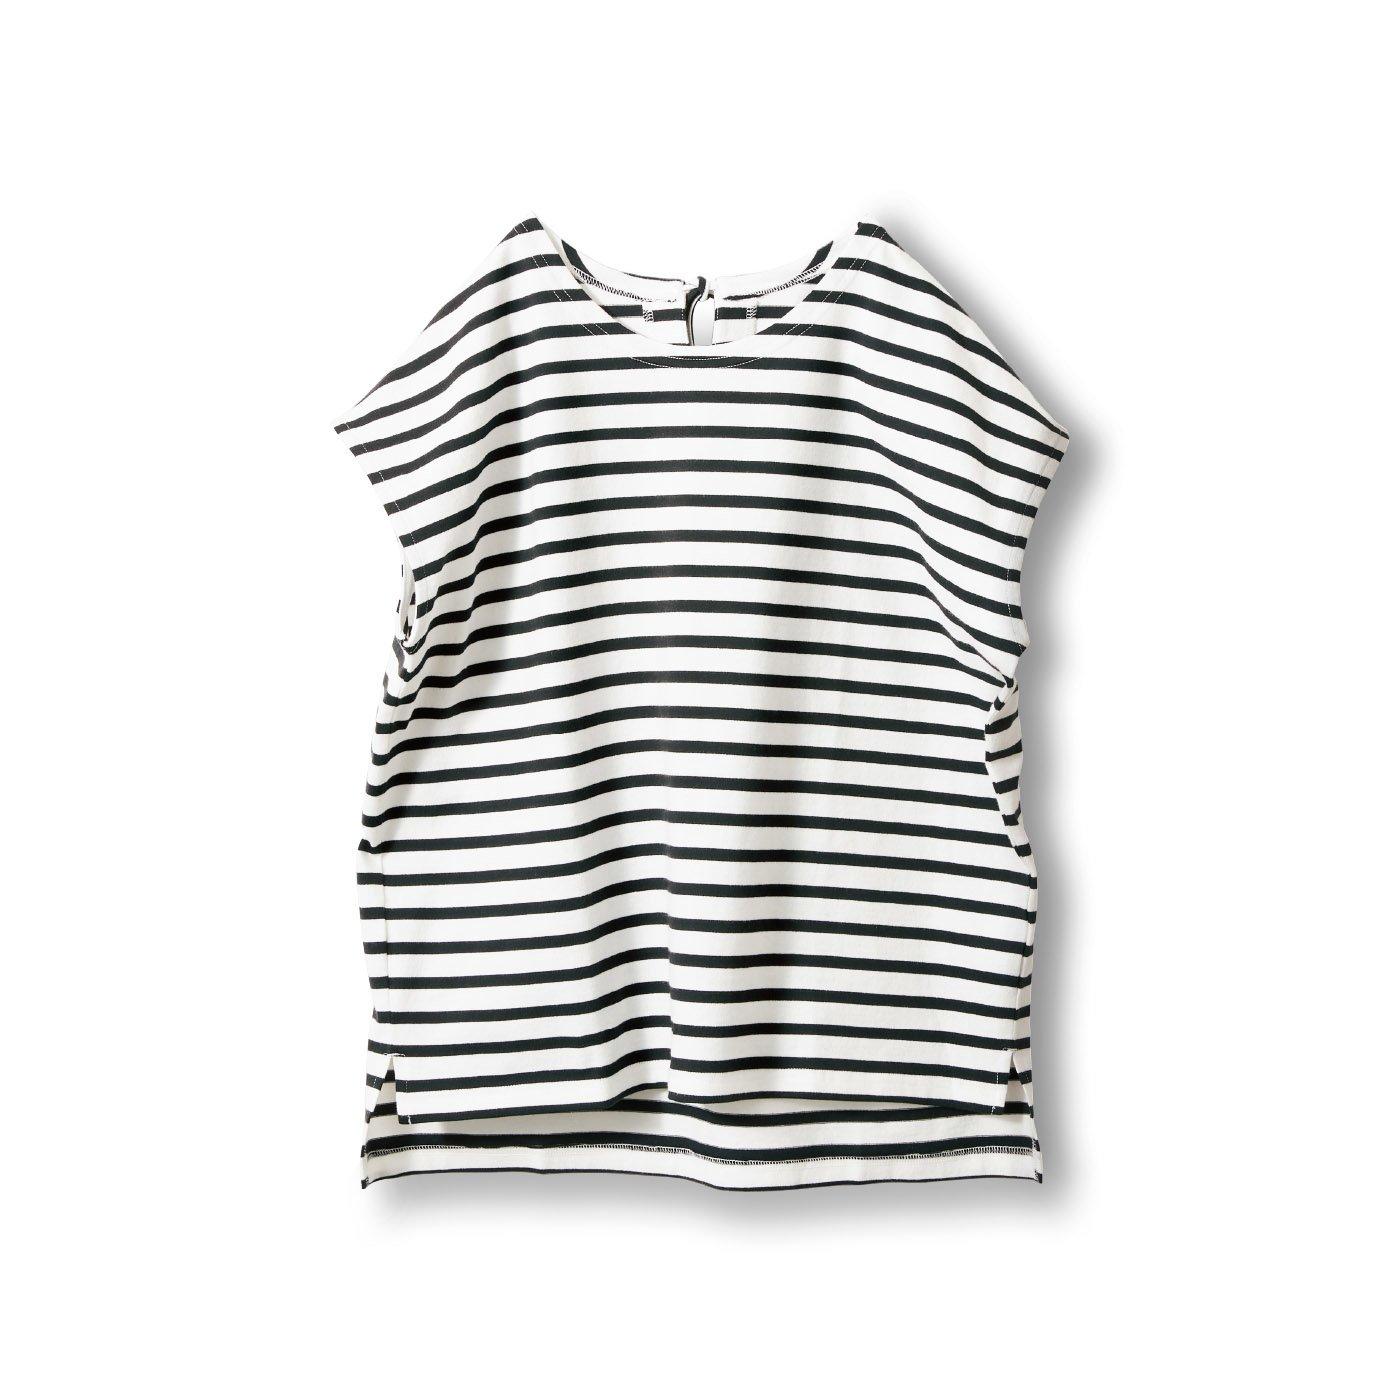 アヴェクモワ フレンチスリーブTシャツ〈ボーダー〉